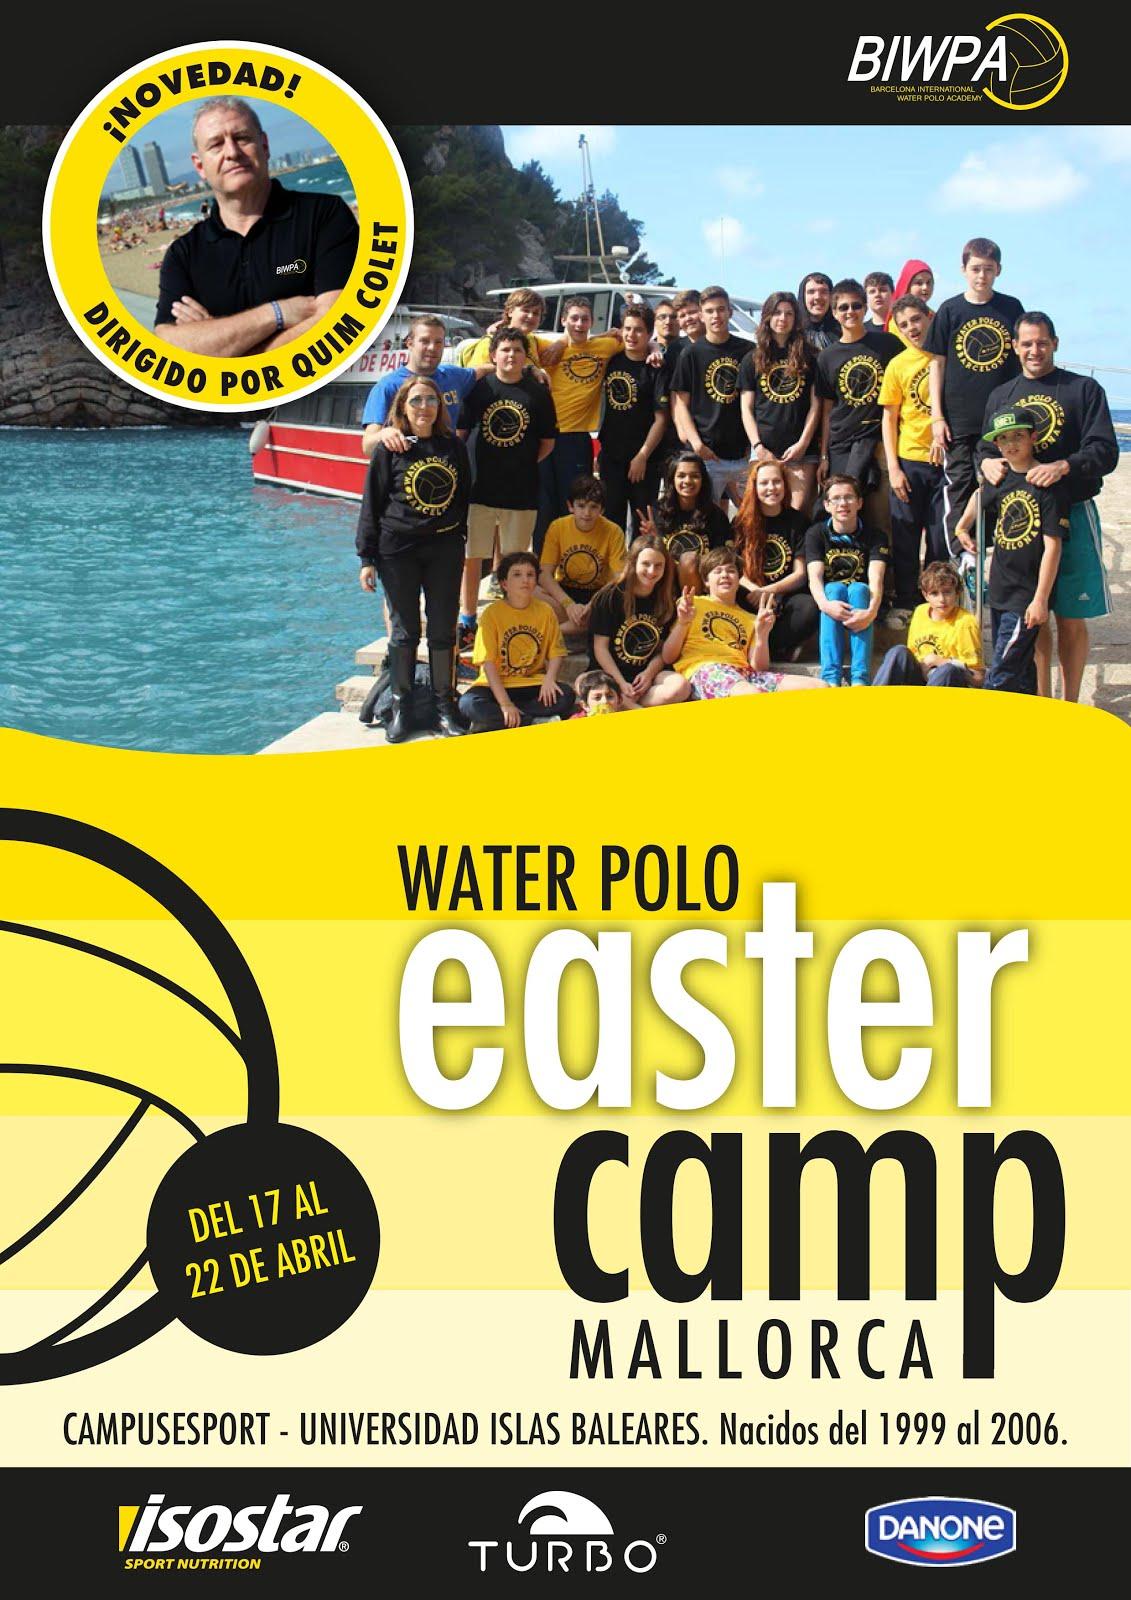 BIWPA Easter Camp MALLORCA